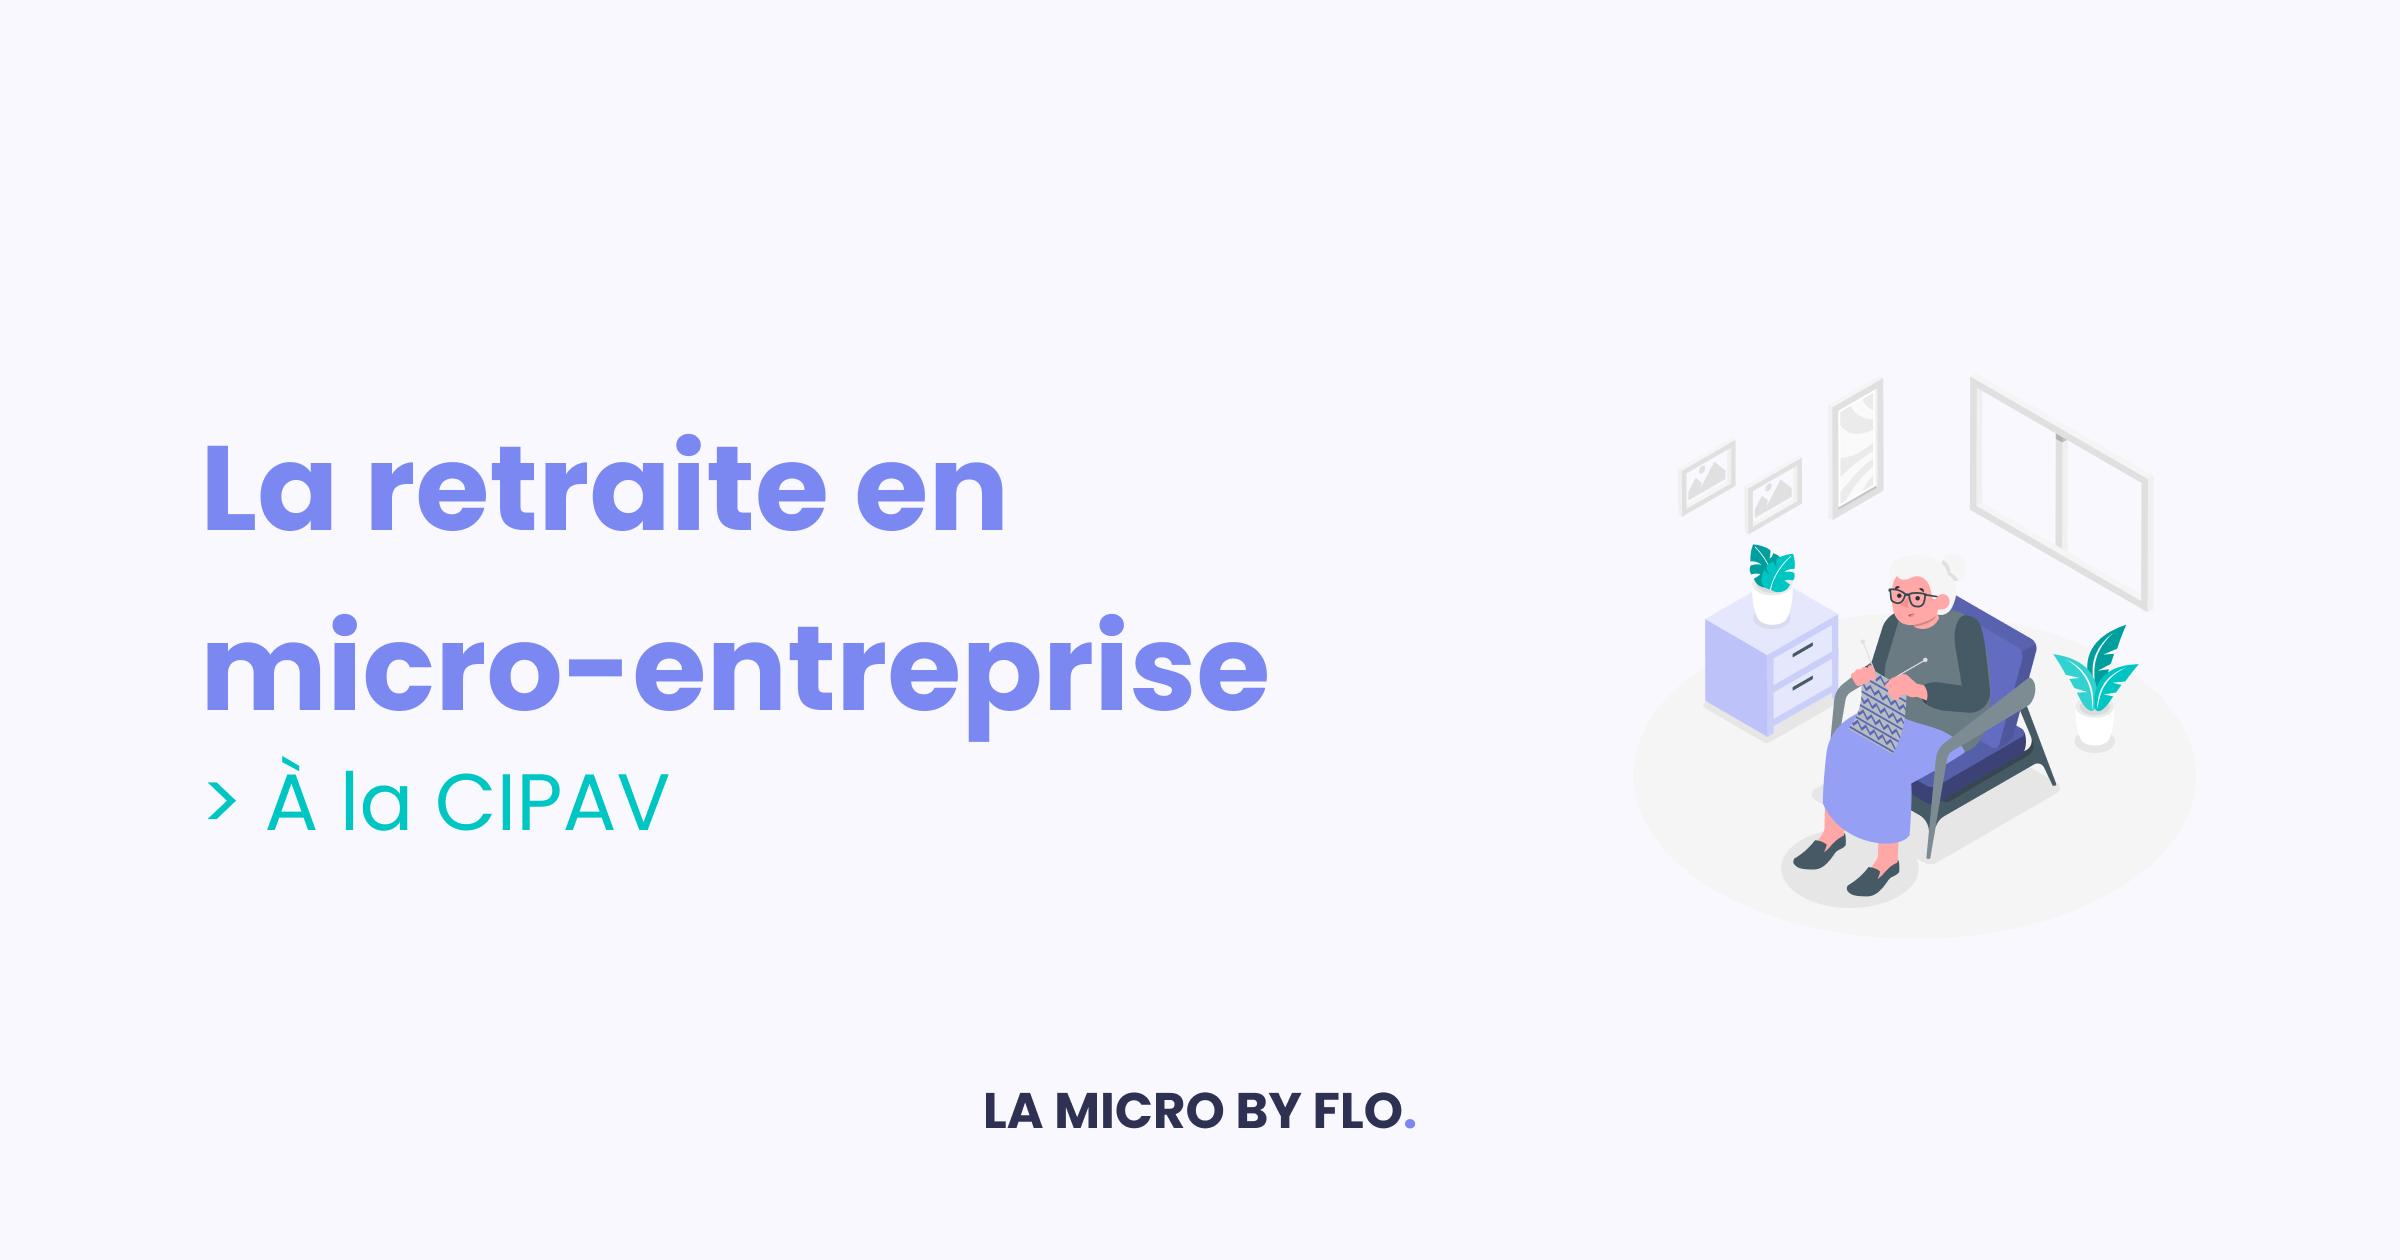 La retraite CIPAV en micro-entreprise : explications et montants